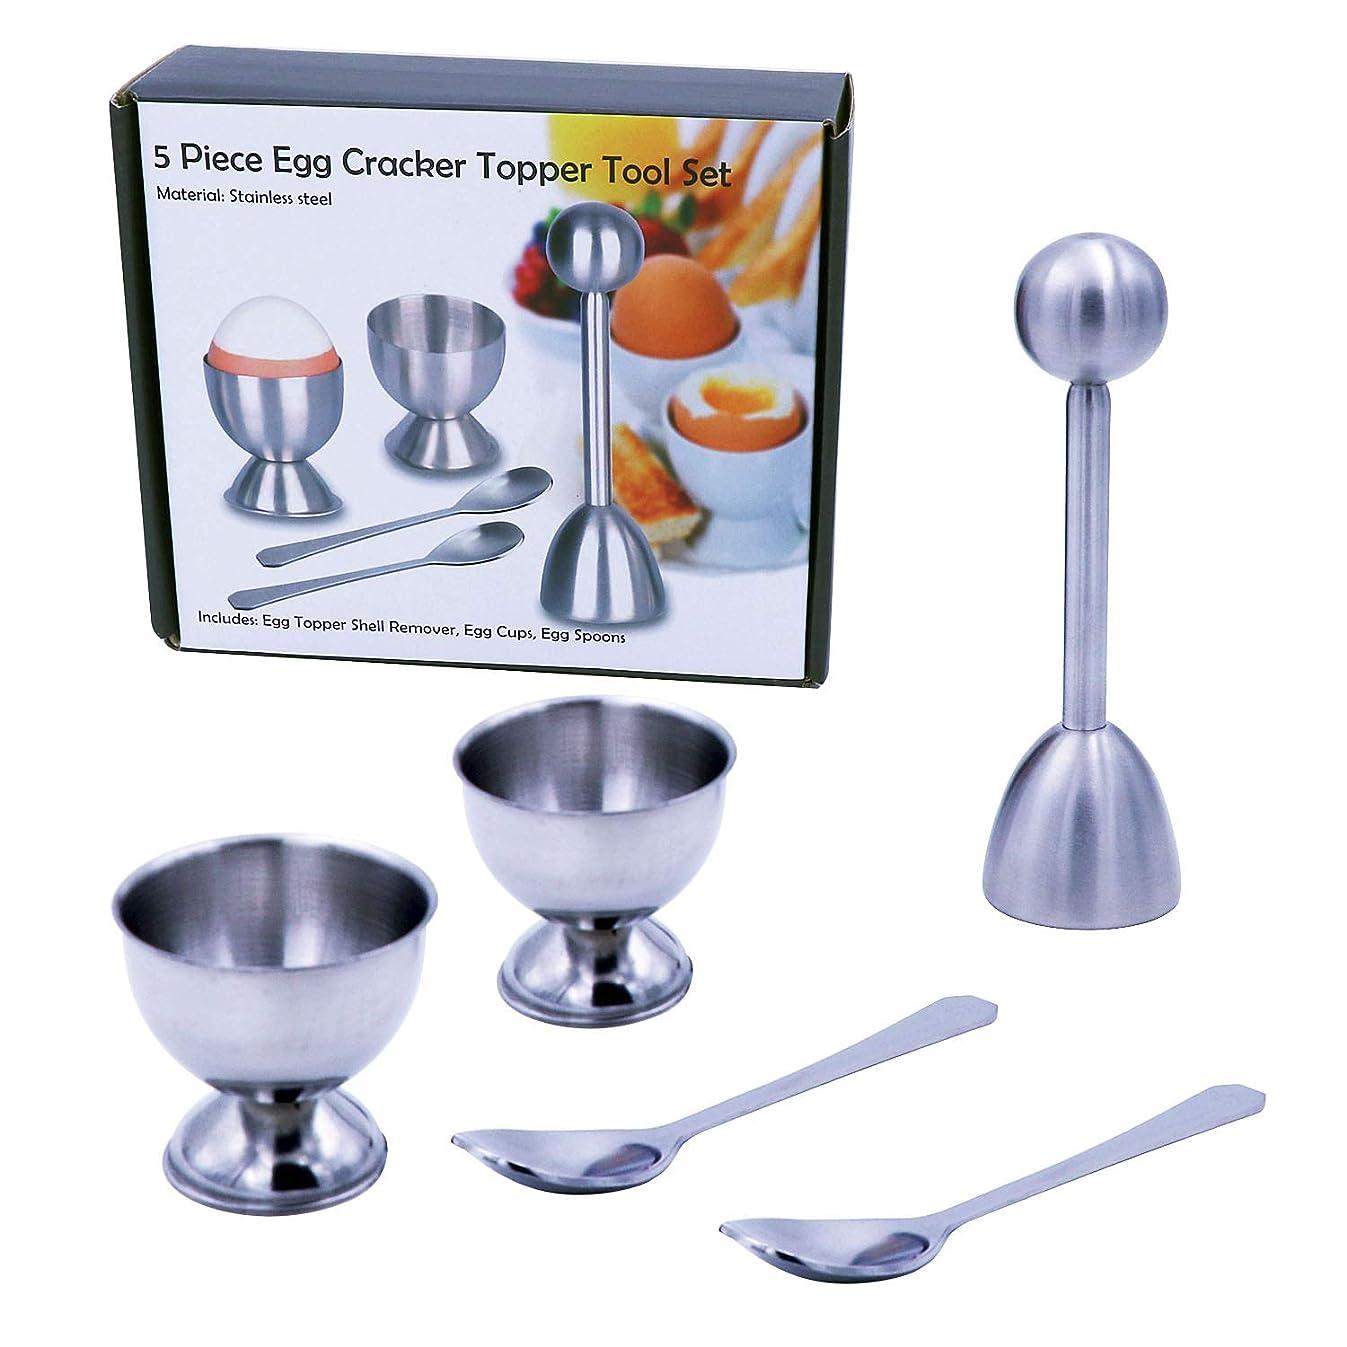 DodoBee Egg Cups Cracker Topper Set, Egg Cups for Soft Boiled Eggs, Egg Cracker Topper Separator Tool, Egg Holder for Soft Boiled Eggs, Soft Boiled Egg Holder (Include 2 Cups, 2 Spoons, 1 Topper)